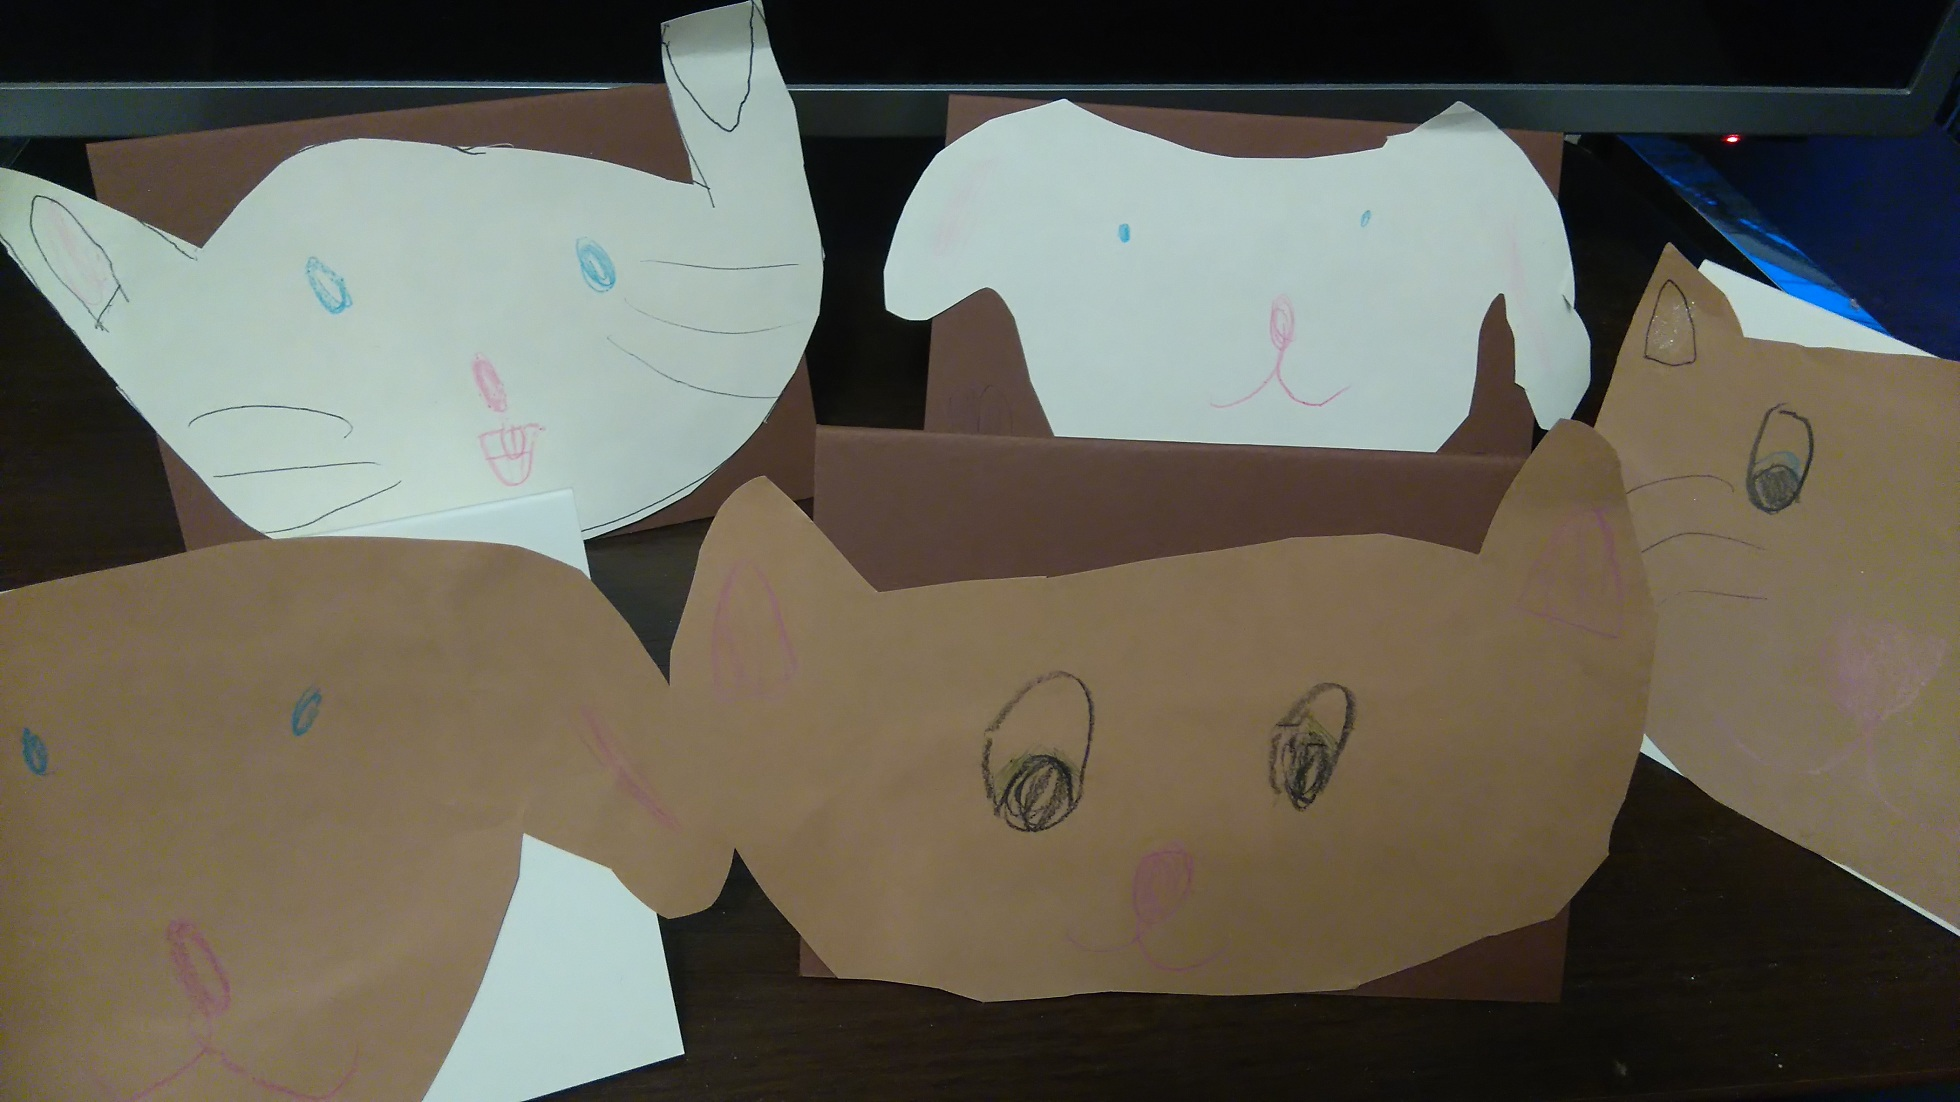 zaproszenia urodzinowe z glowami kotkow, pieskow i kroliczka